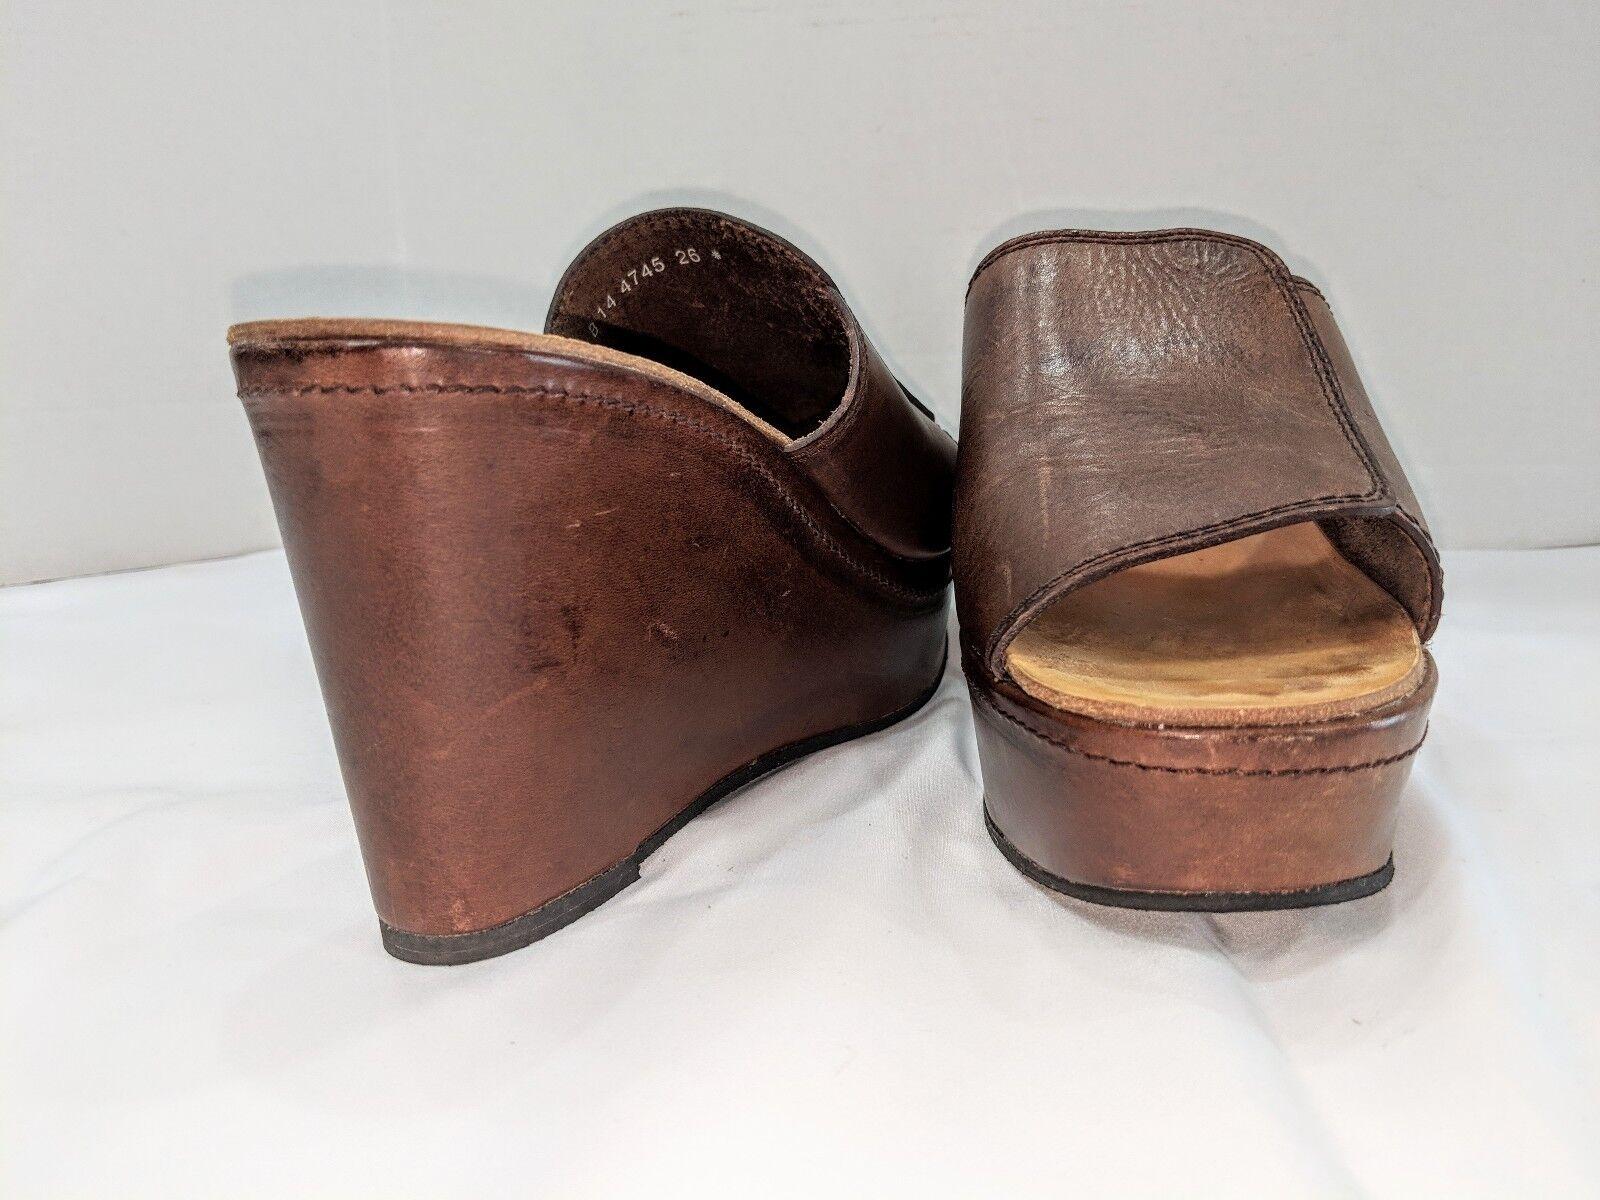 Robert Clergerie French Brown Platform Sandals CAFE VEG VEGETAL CAFE BLOC 10b